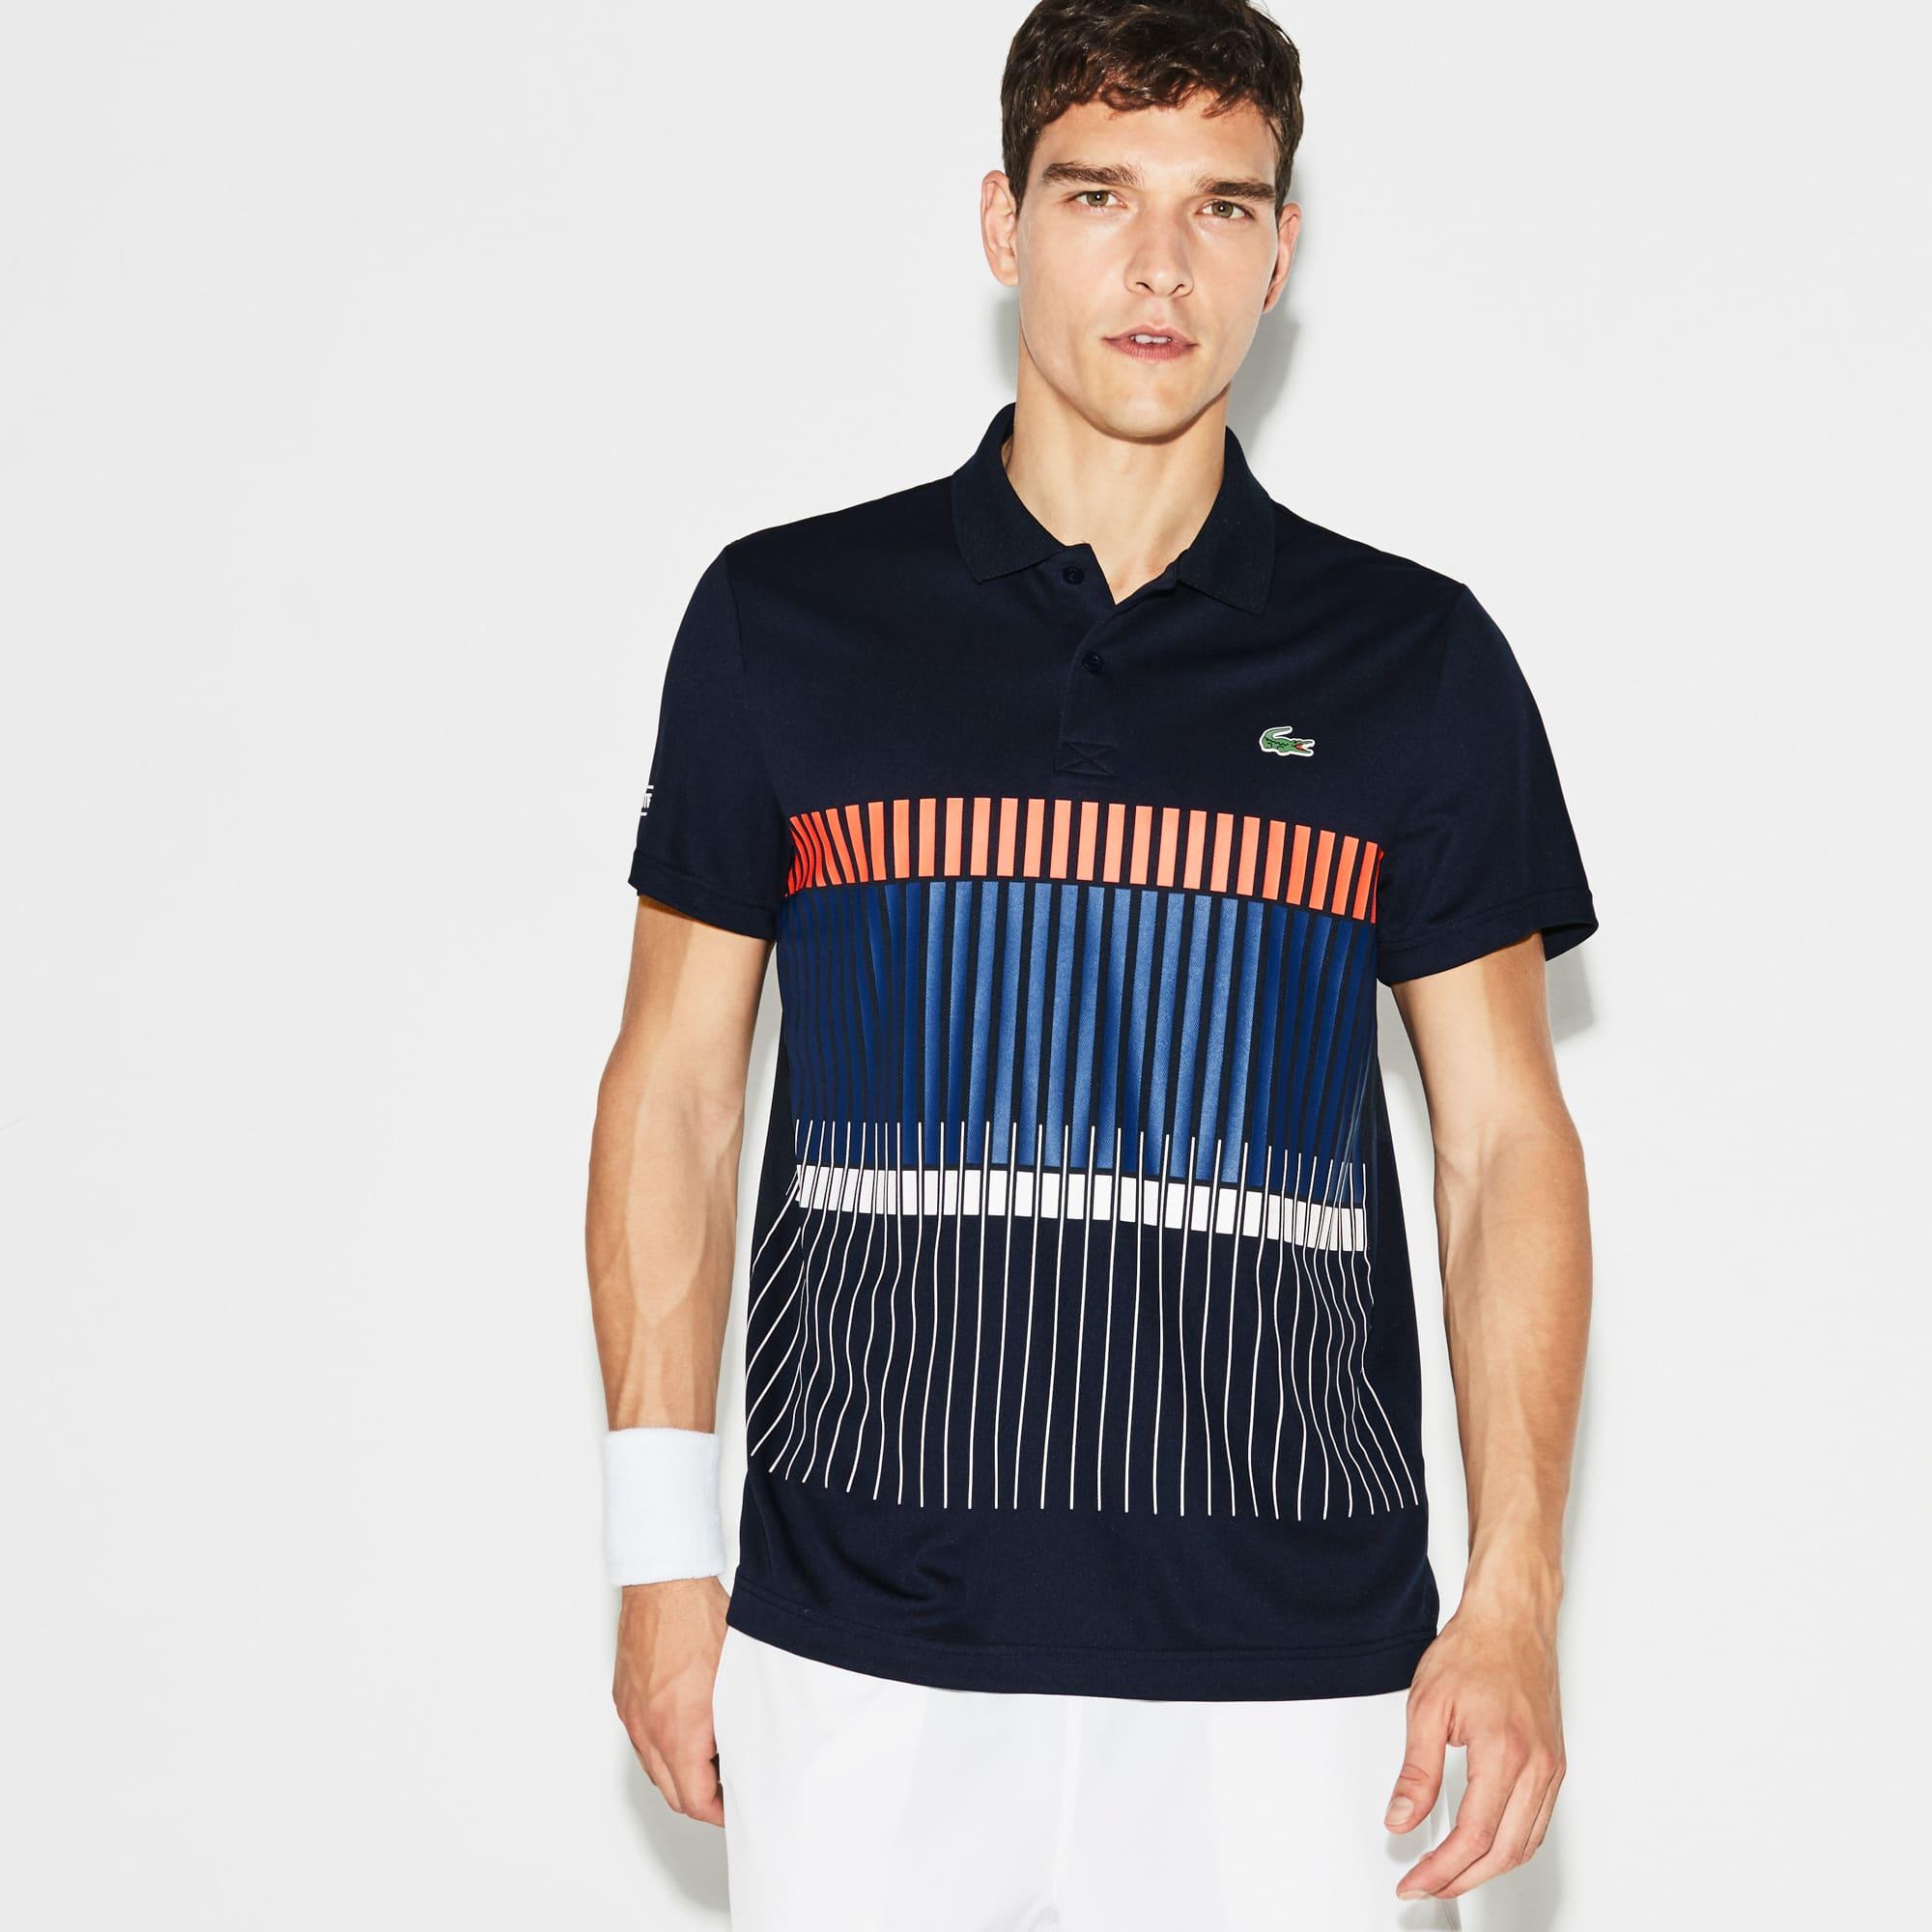 Pólo Lacoste da Coleção Novak Djokovic - Edição Exclusiva Clay